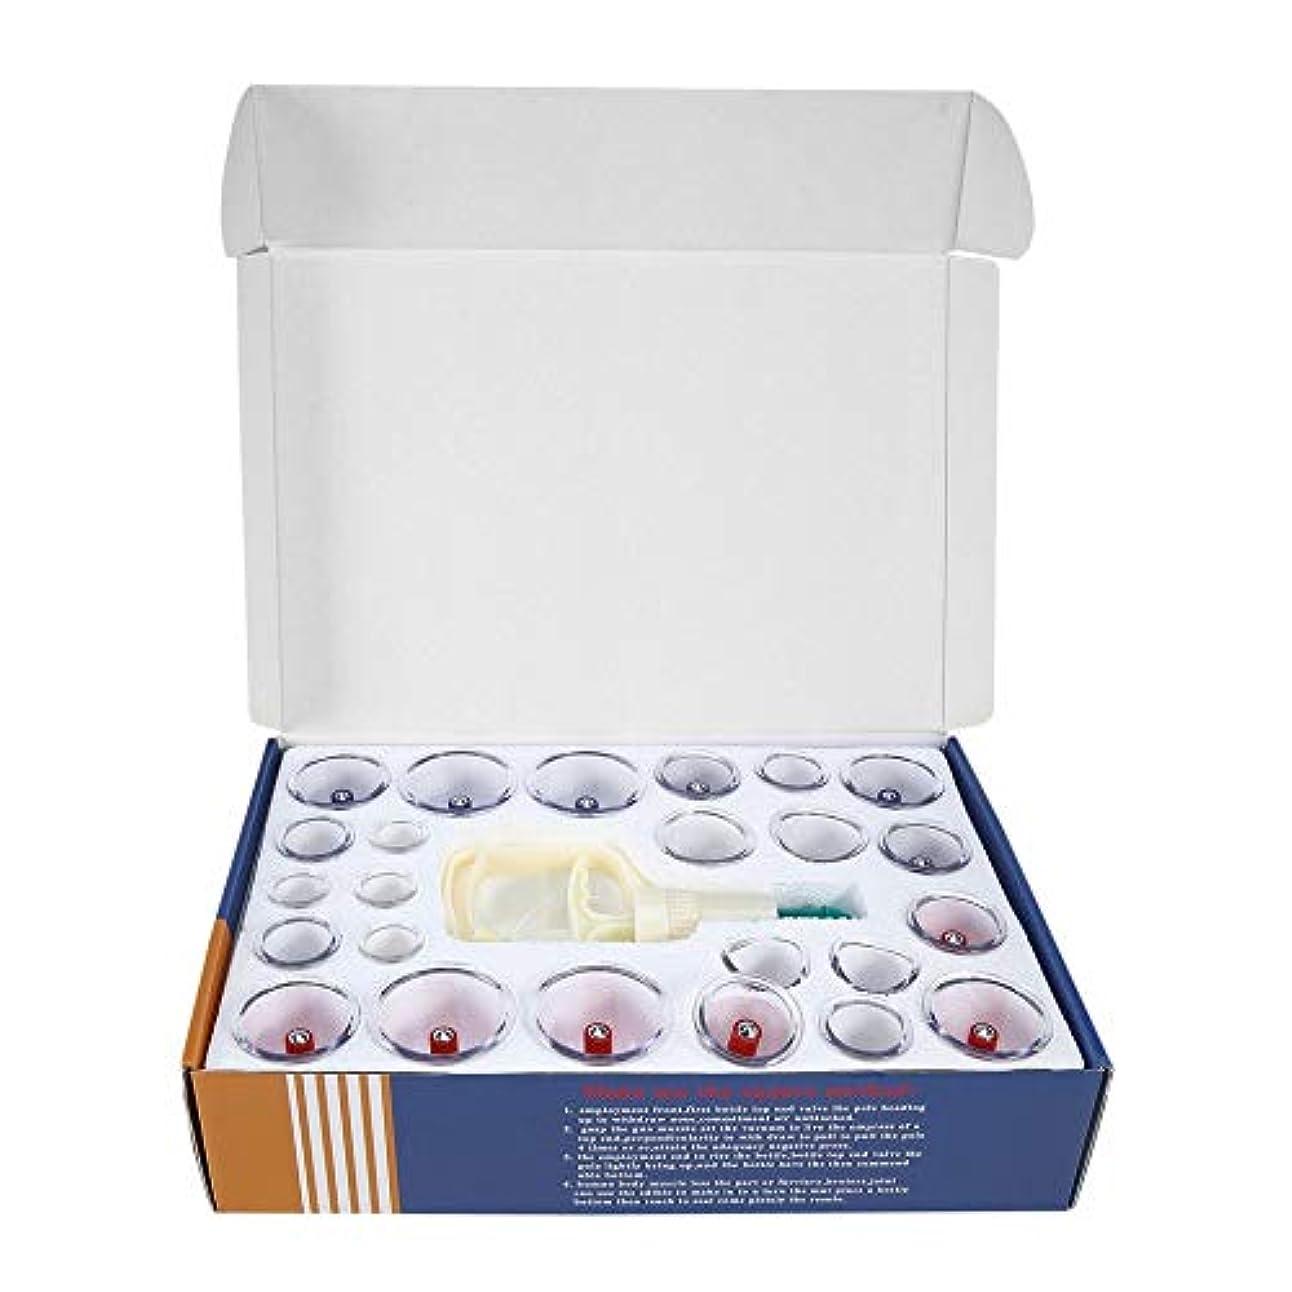 海藻彫る鎮静剤中国のヘルスケア医療真空ボディカッピングセット24ピースマッサージ缶カップバイオマグネティックマッサージ療法ボディリラクゼーションキット(Color:clear)